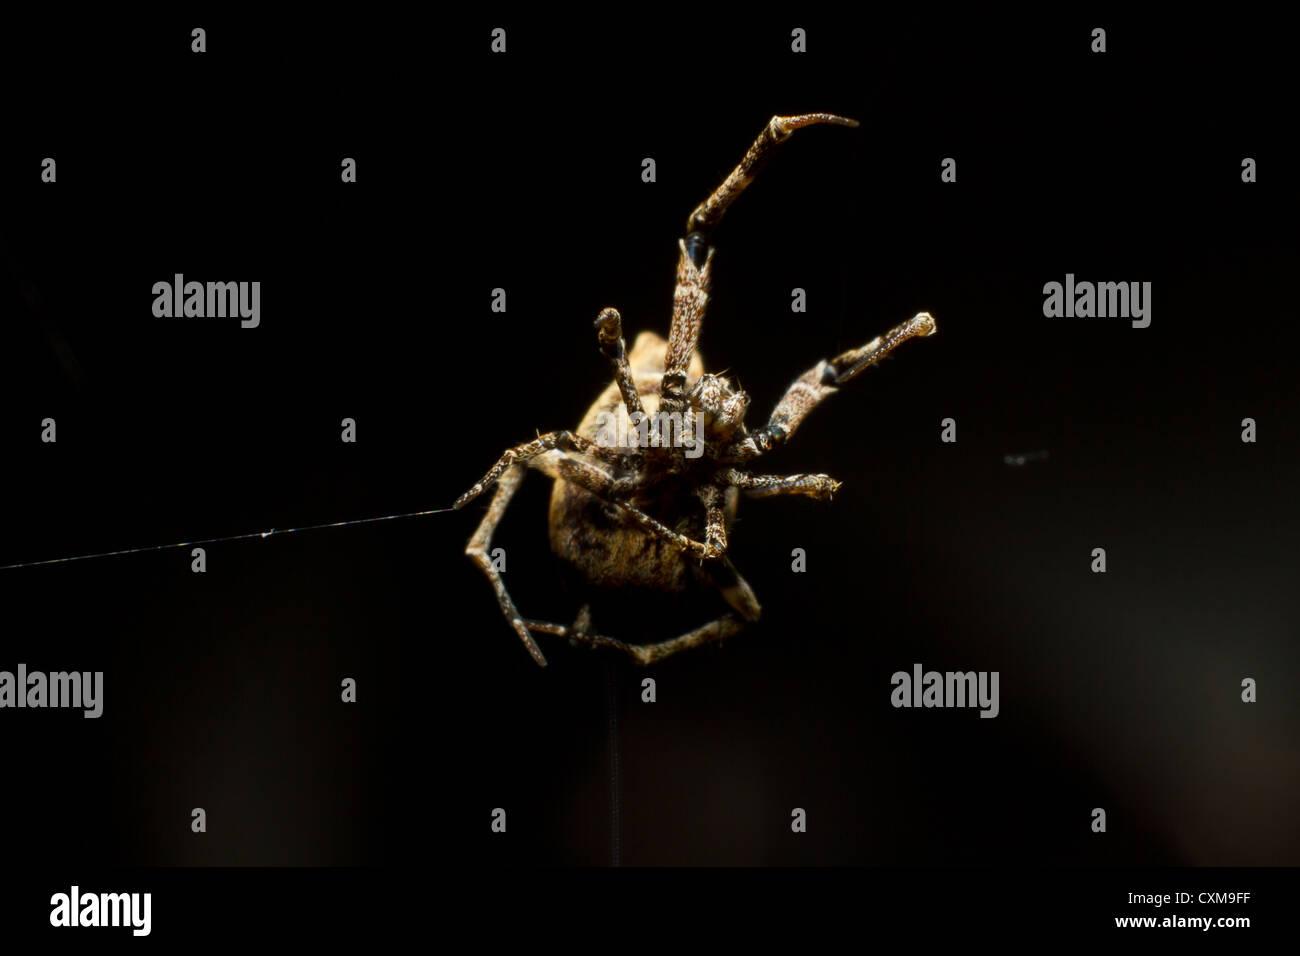 Nahaufnahme einer winzigen Garten Spinne Spinnen ihr Netz. Stockbild